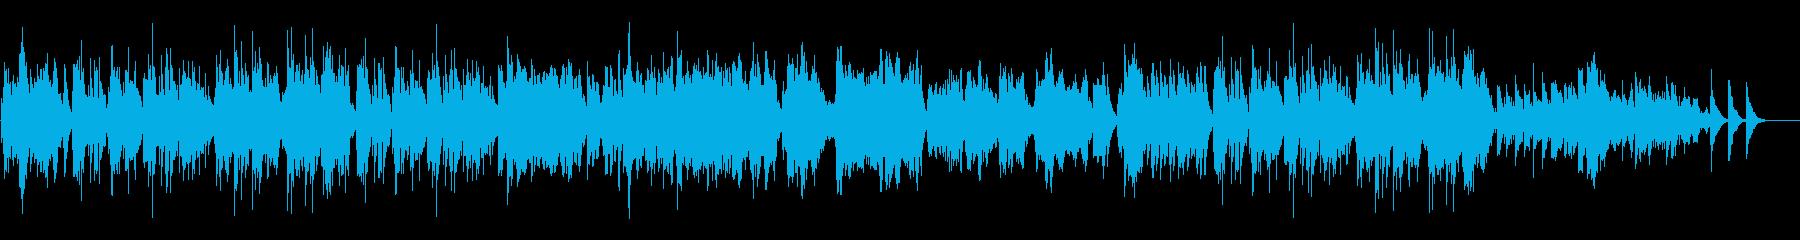 和風の軽やかな琴のアンサンブルの再生済みの波形